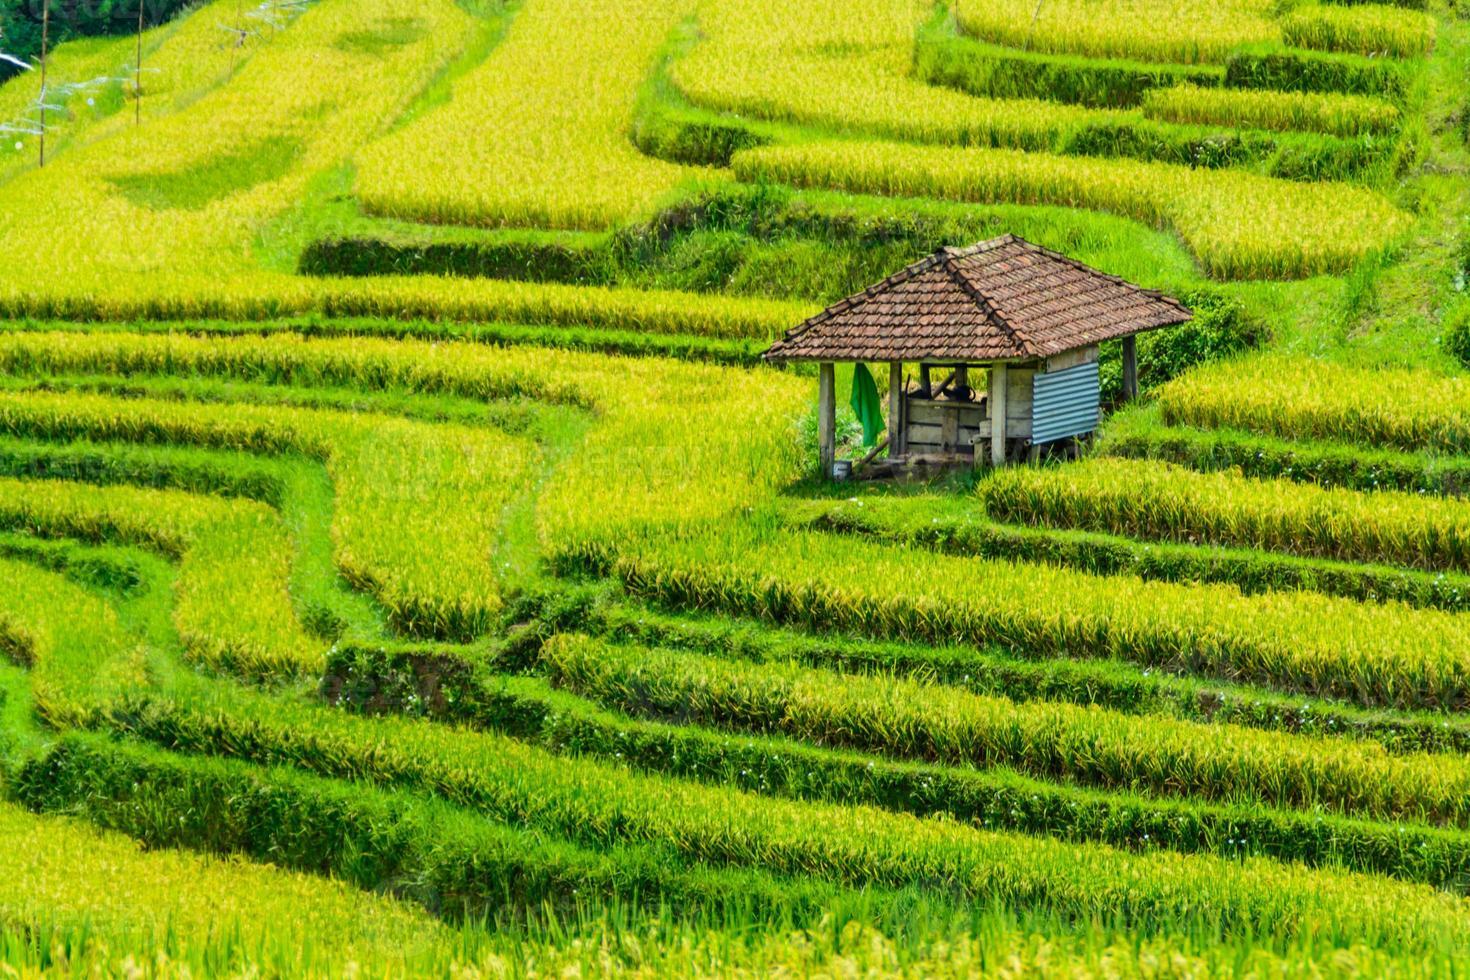 terraza de arroz escalonada foto